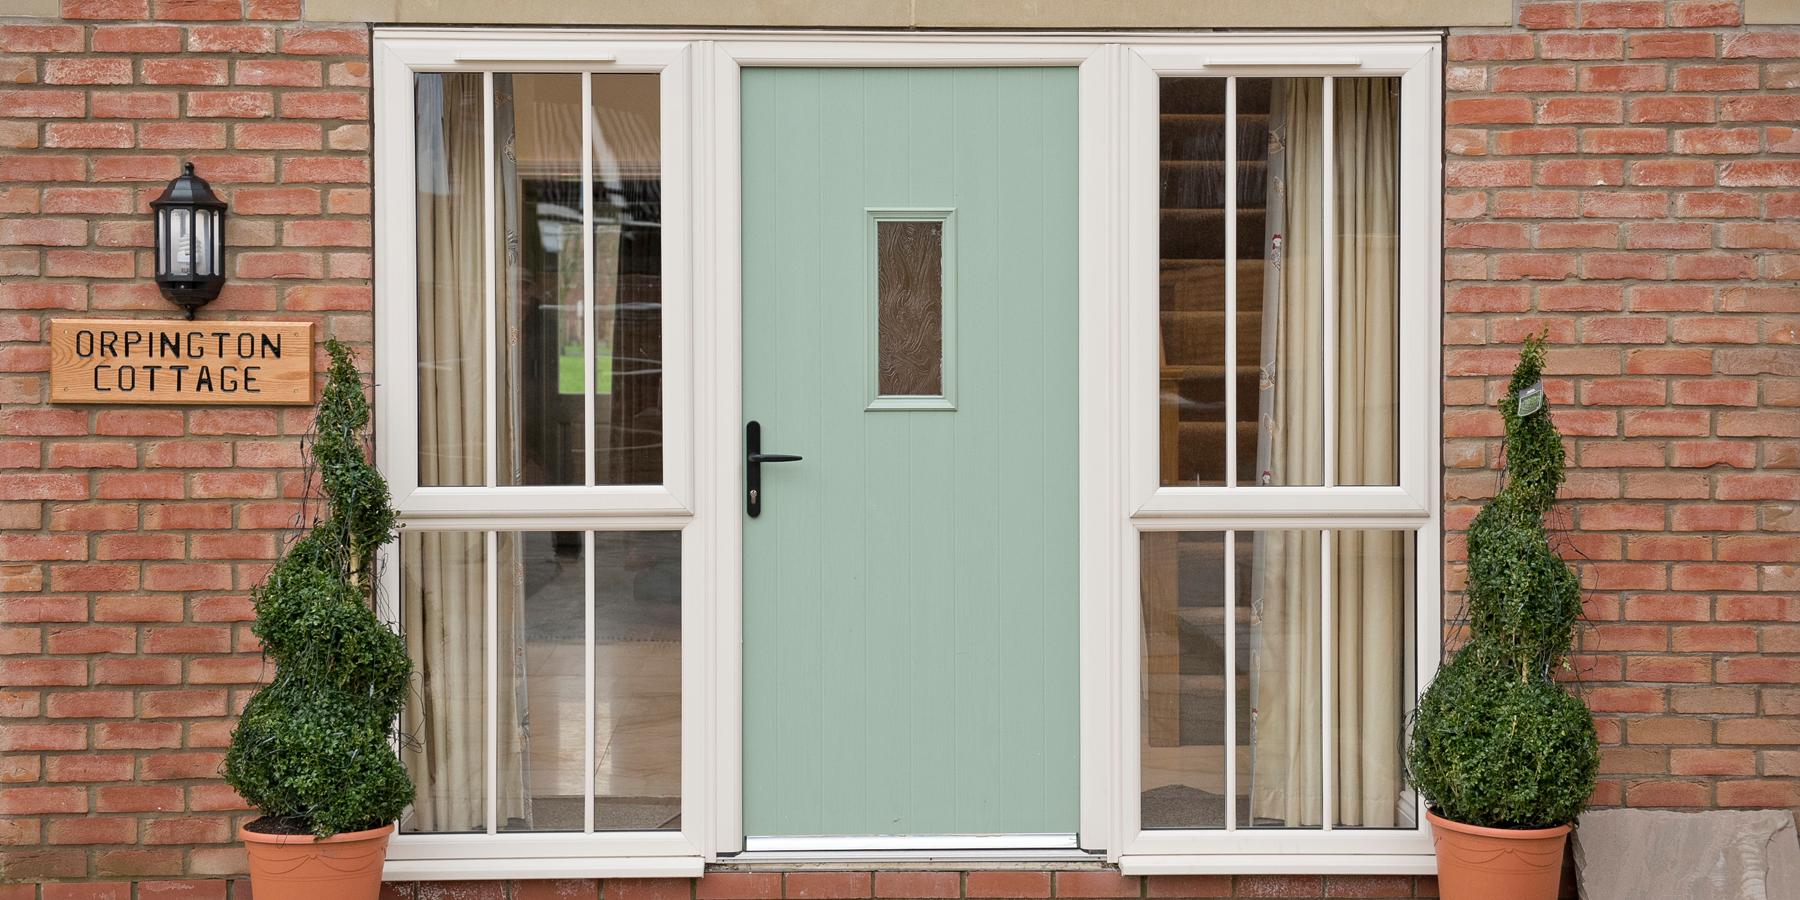 2-Orpington-door-1